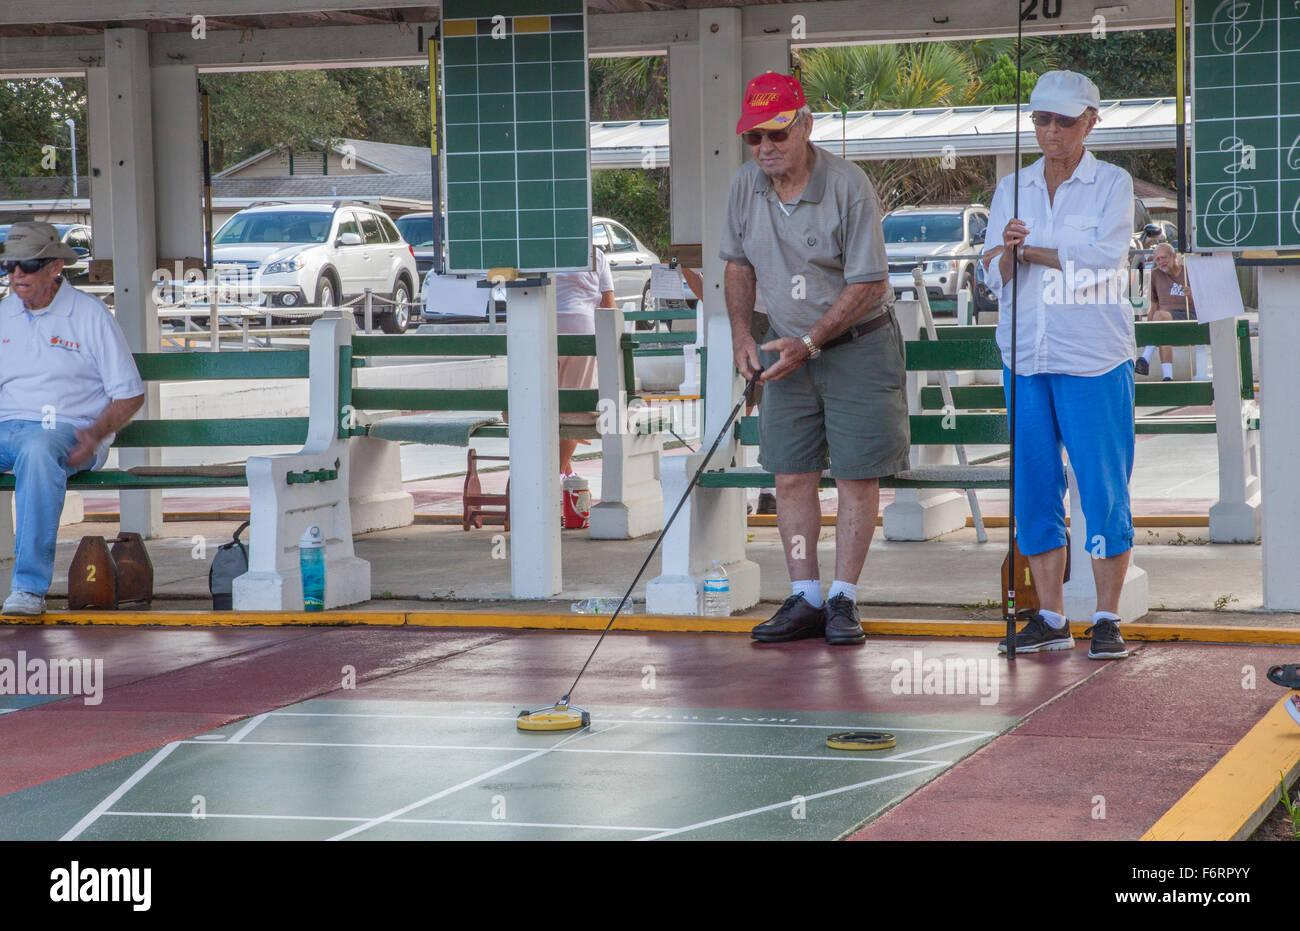 Senioren, die wettbewerbsfähige Shuffleboard Spiel in Flager Ave in New Smyrna Beach, Florida Stockbild